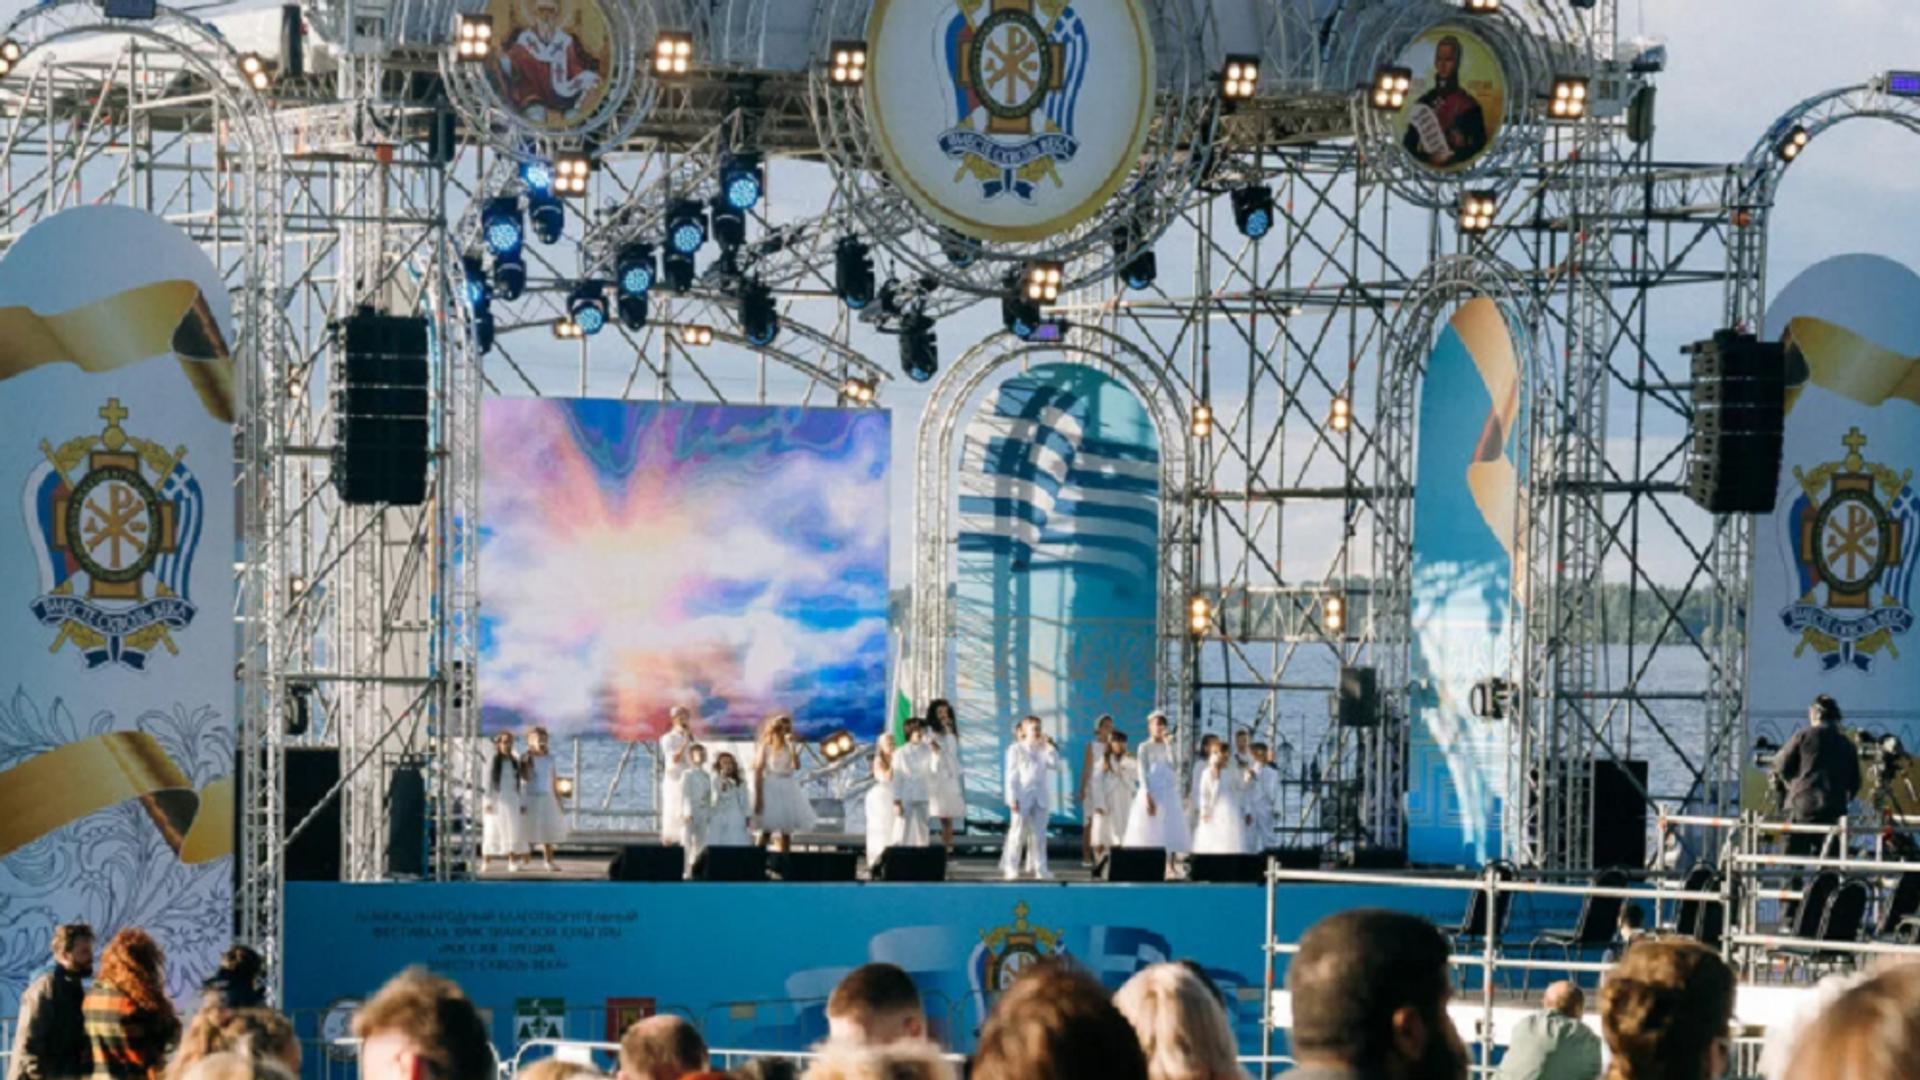 5ο διεθνές φιλανθρωπικό Φεστιβάλ Χριστιανικής Κουλτούρας Ρωσία - Ελλάδα. Μαζί ανά τους αιώνες - Sputnik Ελλάδα, 1920, 20.08.2021